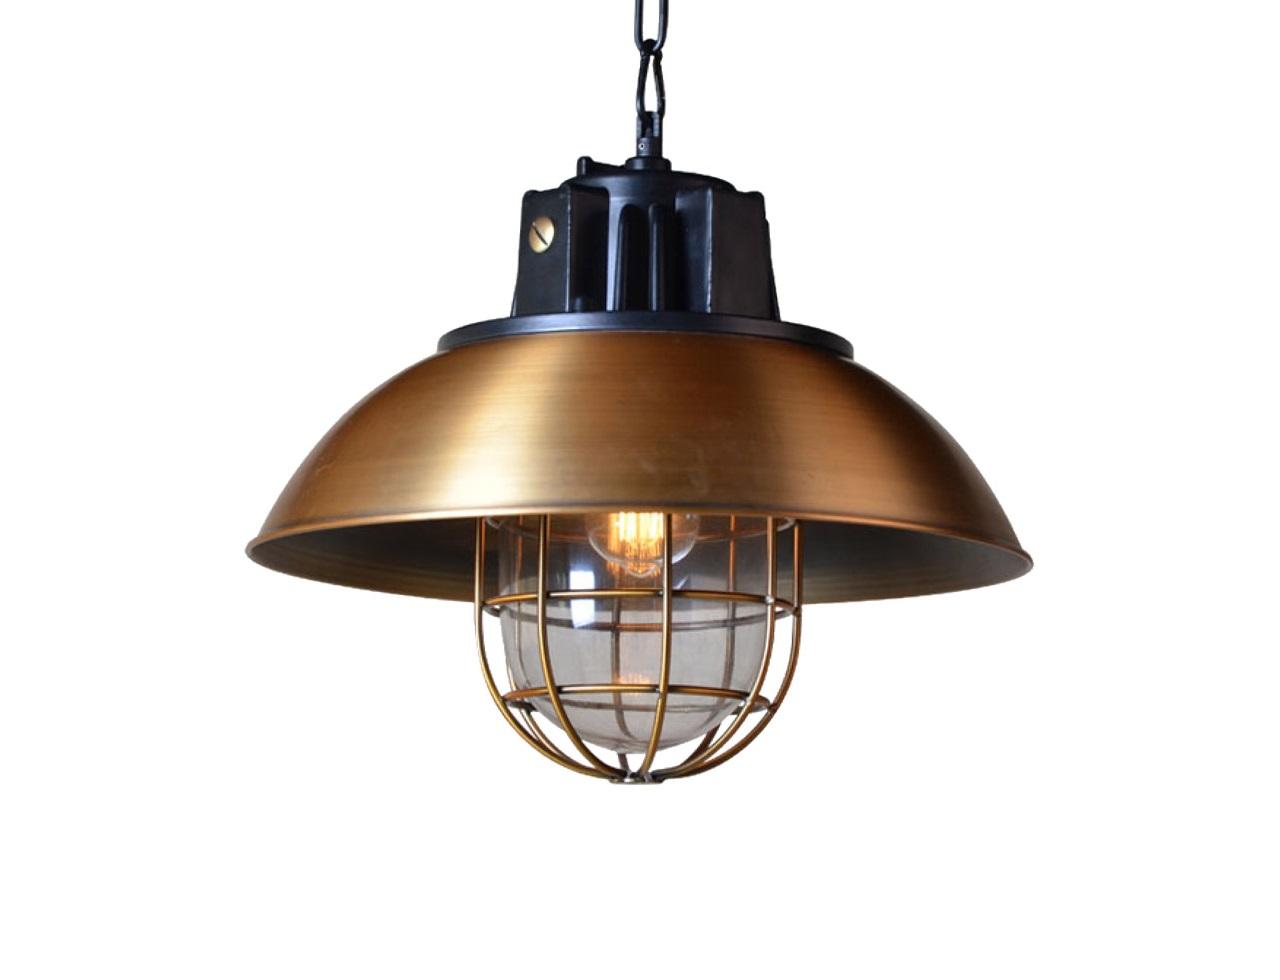 Люстра Astor ChandelierПодвесные светильники<br>&amp;quot;Astor Chandelier&amp;quot; ? светильник, оформление которого наполнено винтажным очарованием. Плафон, выполненный из металла с эффектом состаренной латуни, превосходно передает шарм промышленного стиля, достигшего пика популярности в середине XX века. Строгость и брутальность, присущие этому дизайну, выражаются в выверенности аскетичных пропорций. Такие формы великолепно будут выглядеть на оригинальной кухне в сочетании со старинной плитой и медной посудой.&amp;lt;div&amp;gt;&amp;lt;br&amp;gt;&amp;lt;div&amp;gt;Подвесной светильник выполнен из металла цвета затемненная латунь.&amp;lt;/div&amp;gt;&amp;lt;div&amp;gt;Лампа располагается под декоративной решеткой.&amp;lt;/div&amp;gt;&amp;lt;div&amp;gt;Высота светильника регулируется.&amp;lt;/div&amp;gt;&amp;lt;div&amp;gt;Цоколь: E27&amp;lt;/div&amp;gt;&amp;lt;div&amp;gt;Мощность: 40W&amp;lt;/div&amp;gt;&amp;lt;div&amp;gt;Количество ламп: 1&amp;lt;/div&amp;gt;&amp;lt;div&amp;gt;Лампа в комплект не входит&amp;lt;/div&amp;gt;&amp;lt;/div&amp;gt;<br><br>Material: Металл<br>Height см: 41<br>Diameter см: 44